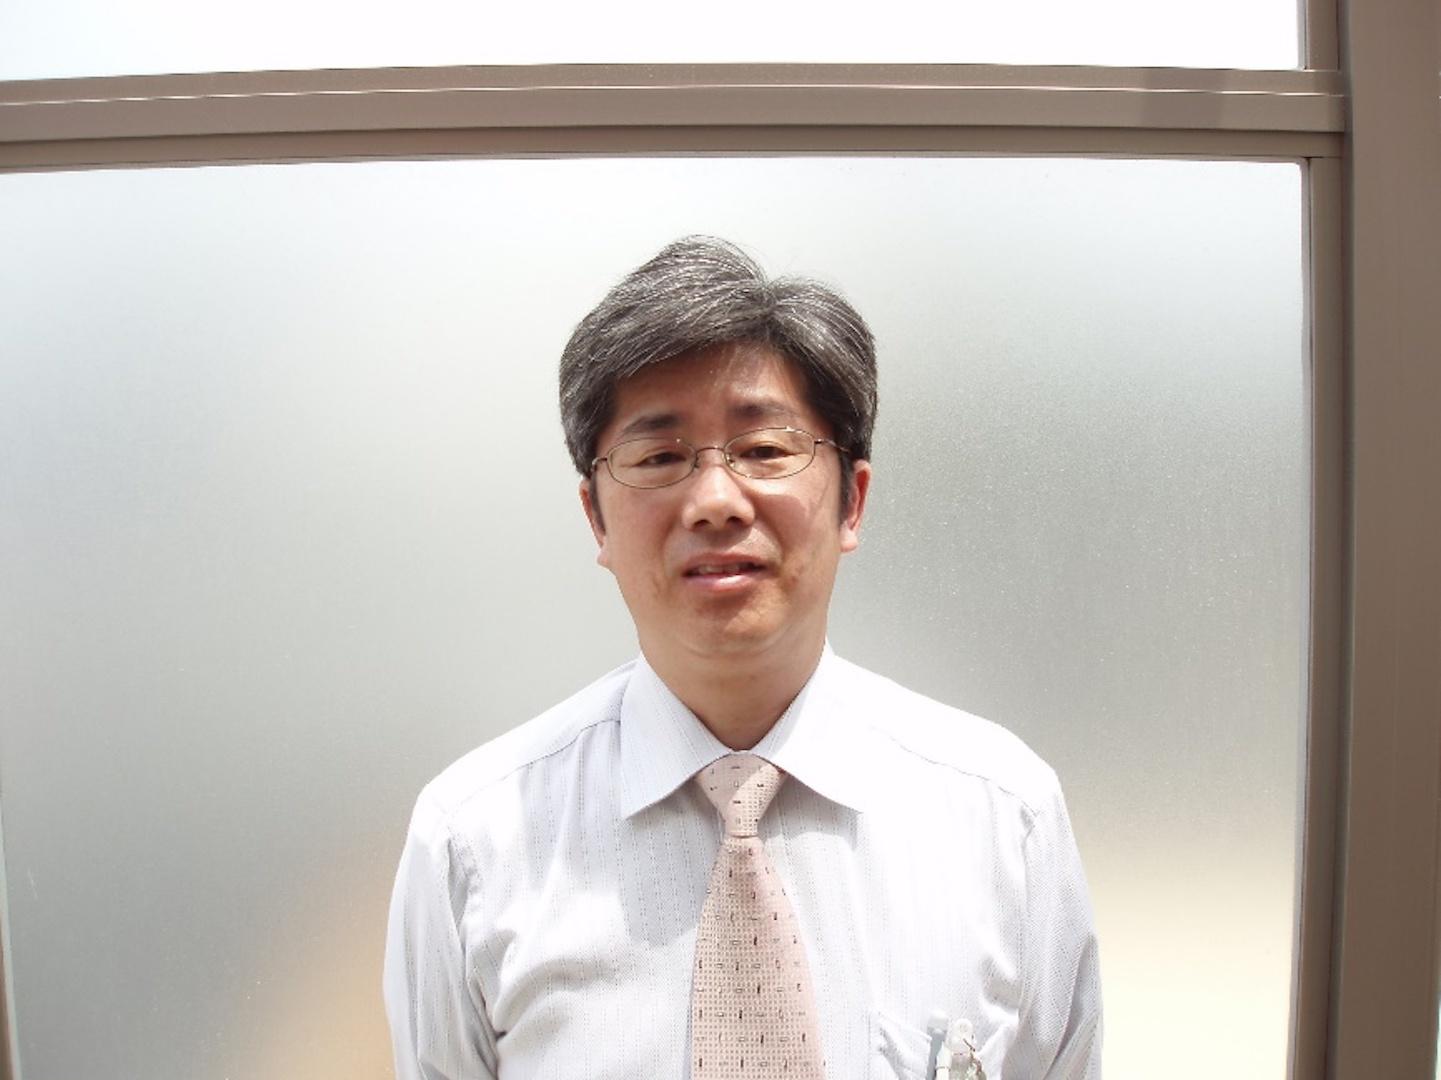 ニッケンホームで働くスタッフの紹介:営業部 佐々木 敏宏